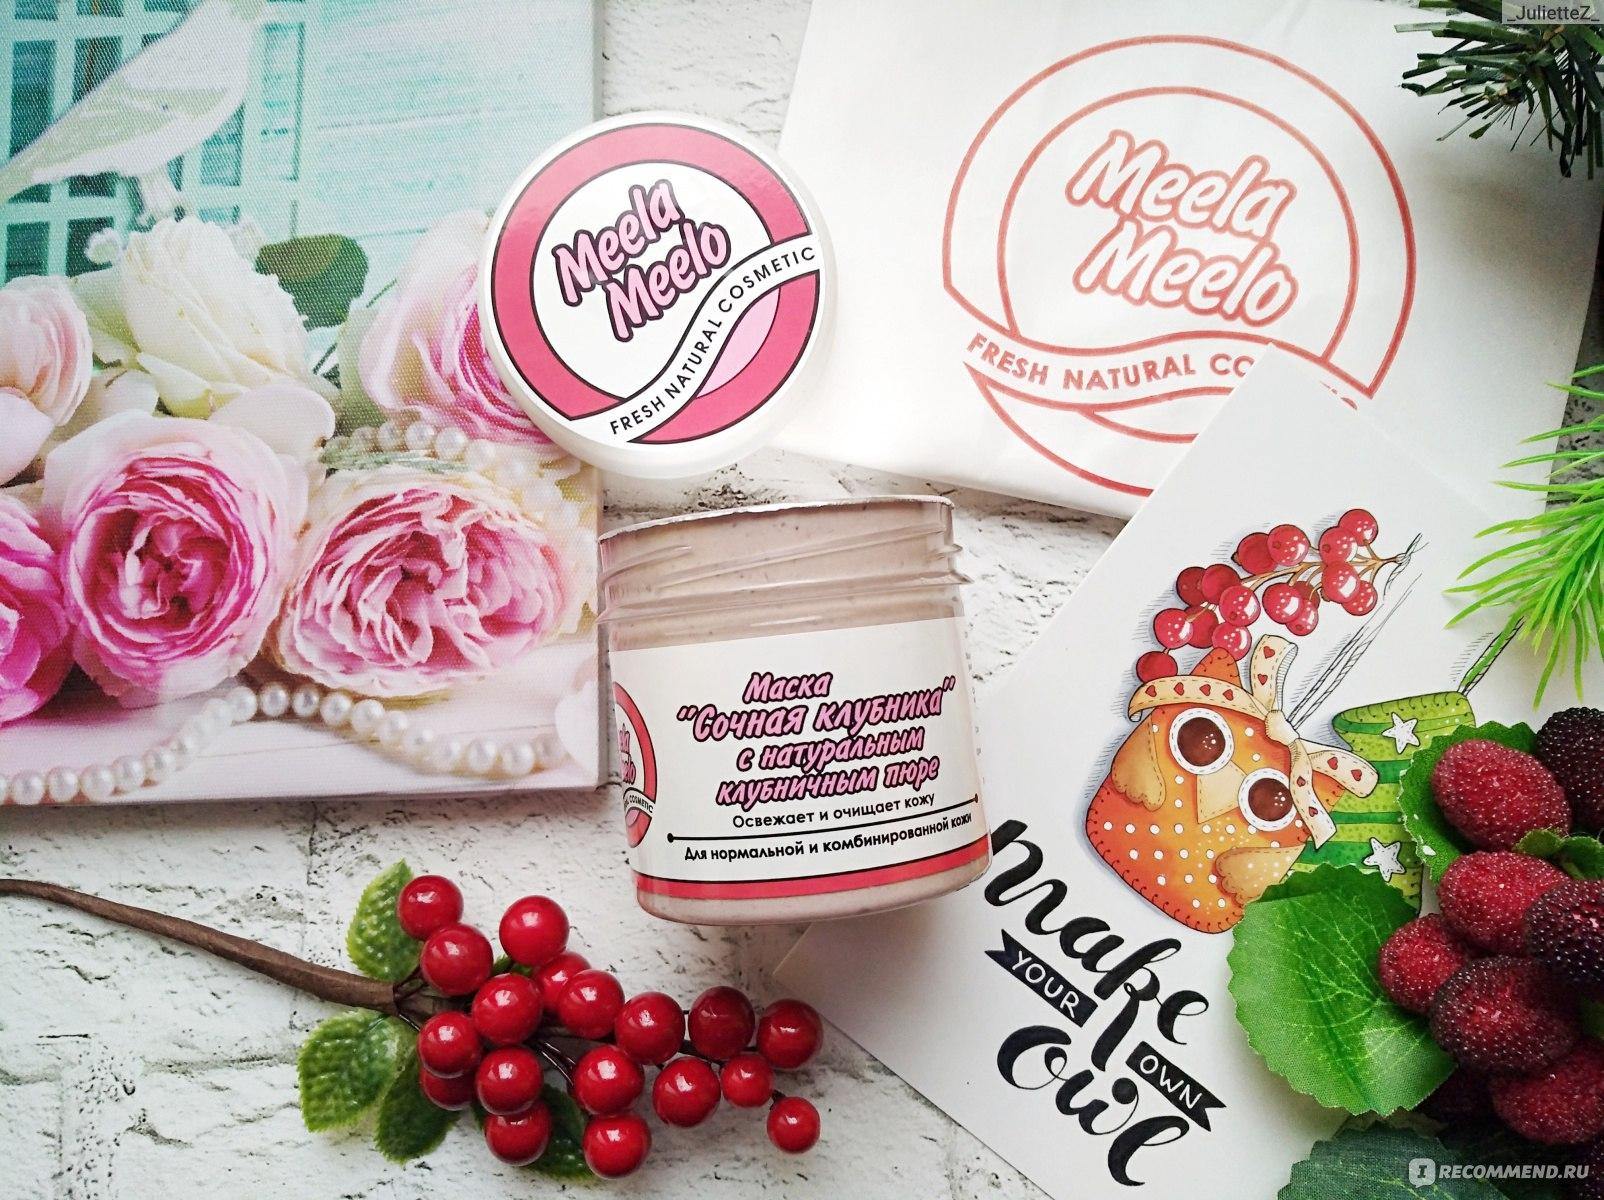 Купить косметику meela meelo в екатеринбурге рижская косметика купить